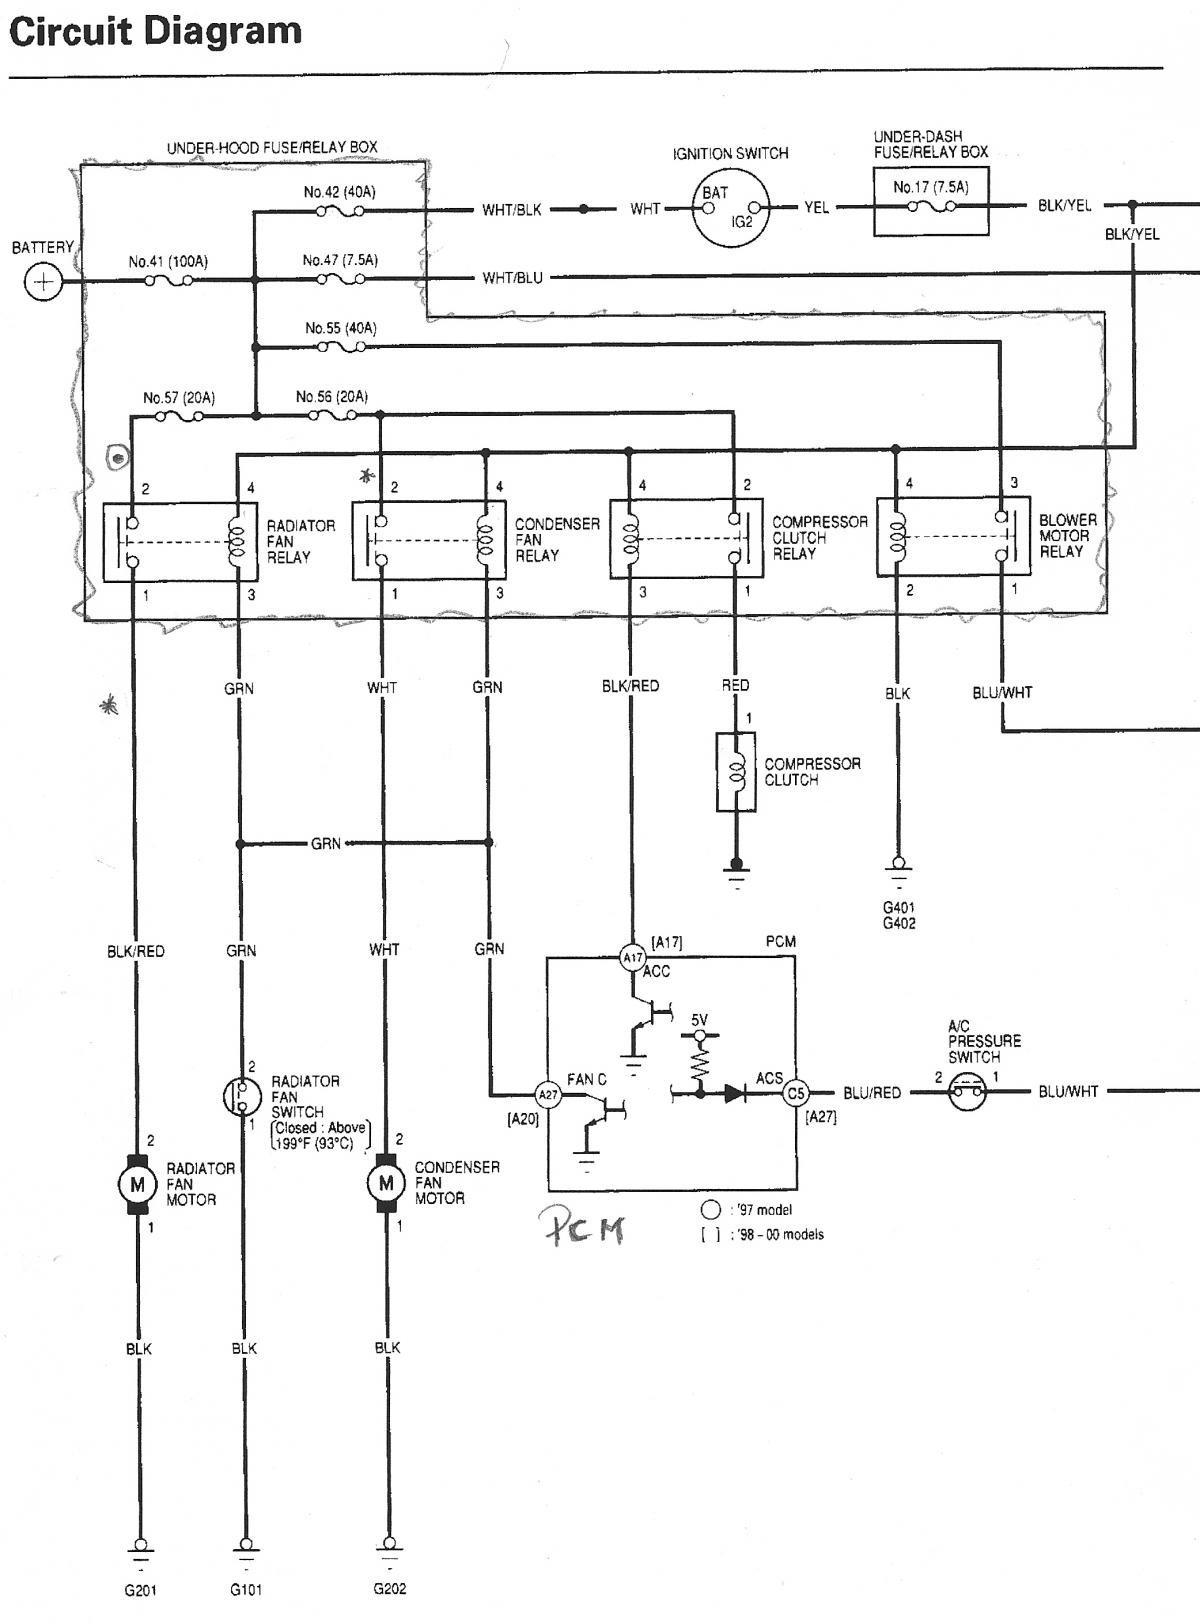 For A 2001 Subaru Wiring Diagram